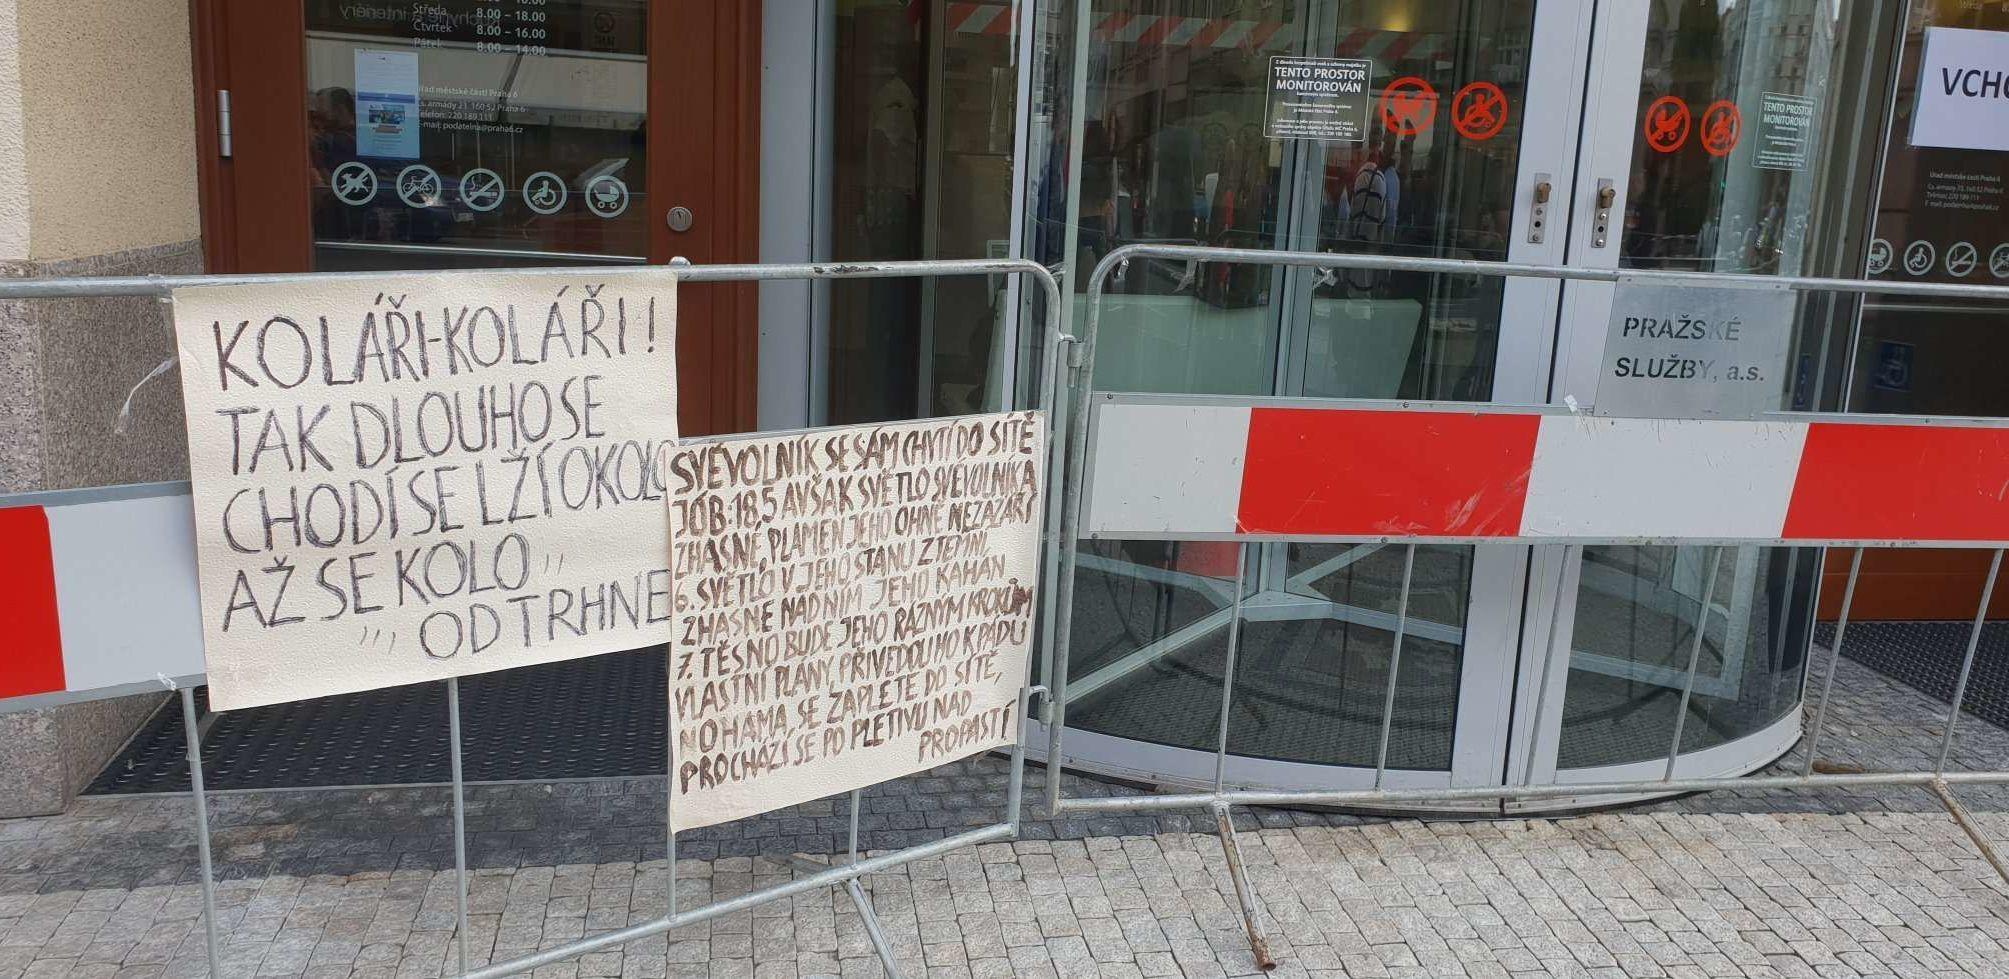 Epigramy před úřadem městské části Praha 6